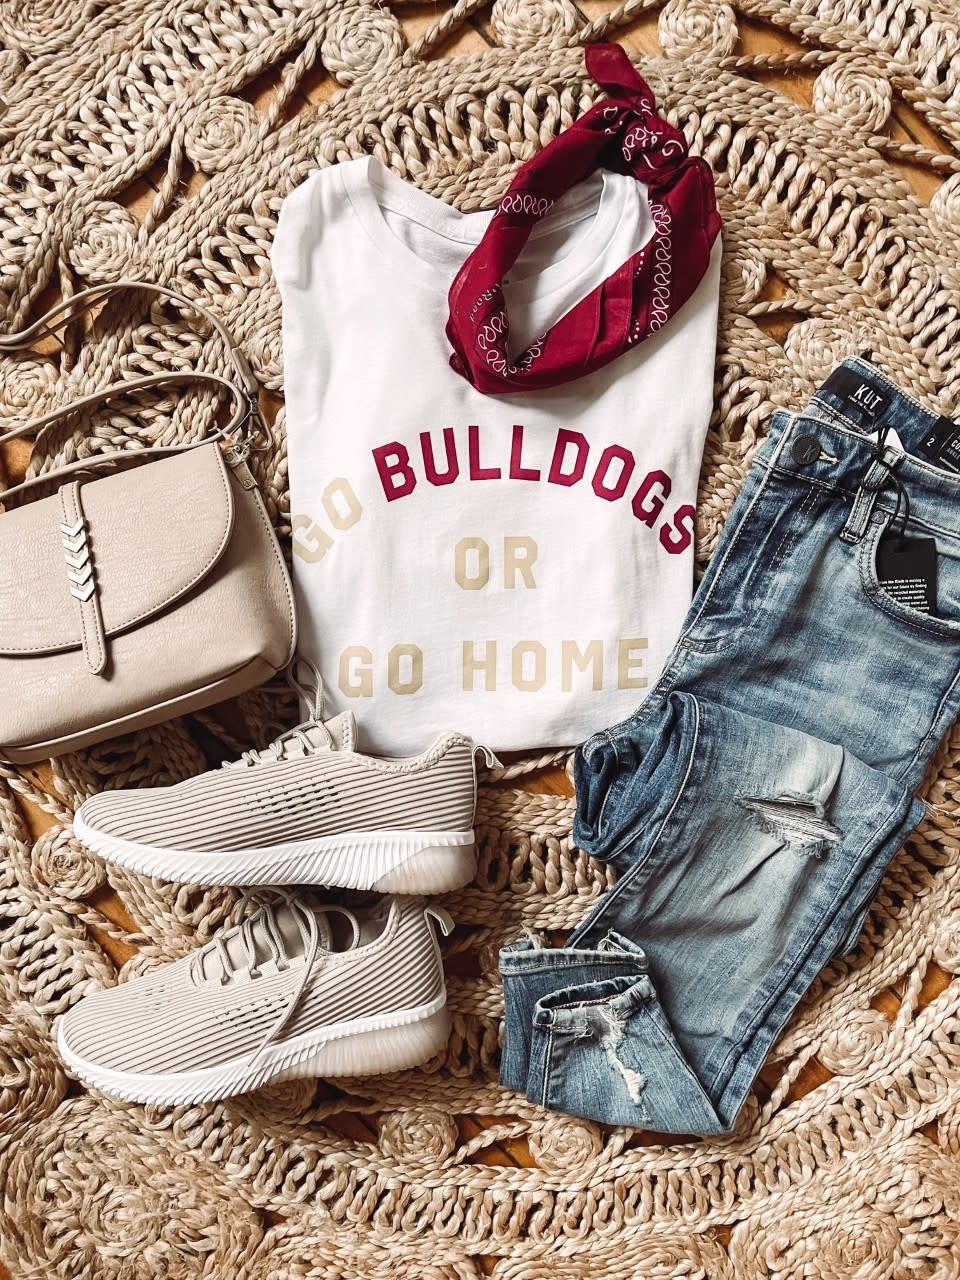 Go Bulldogs Or Go Home Tee